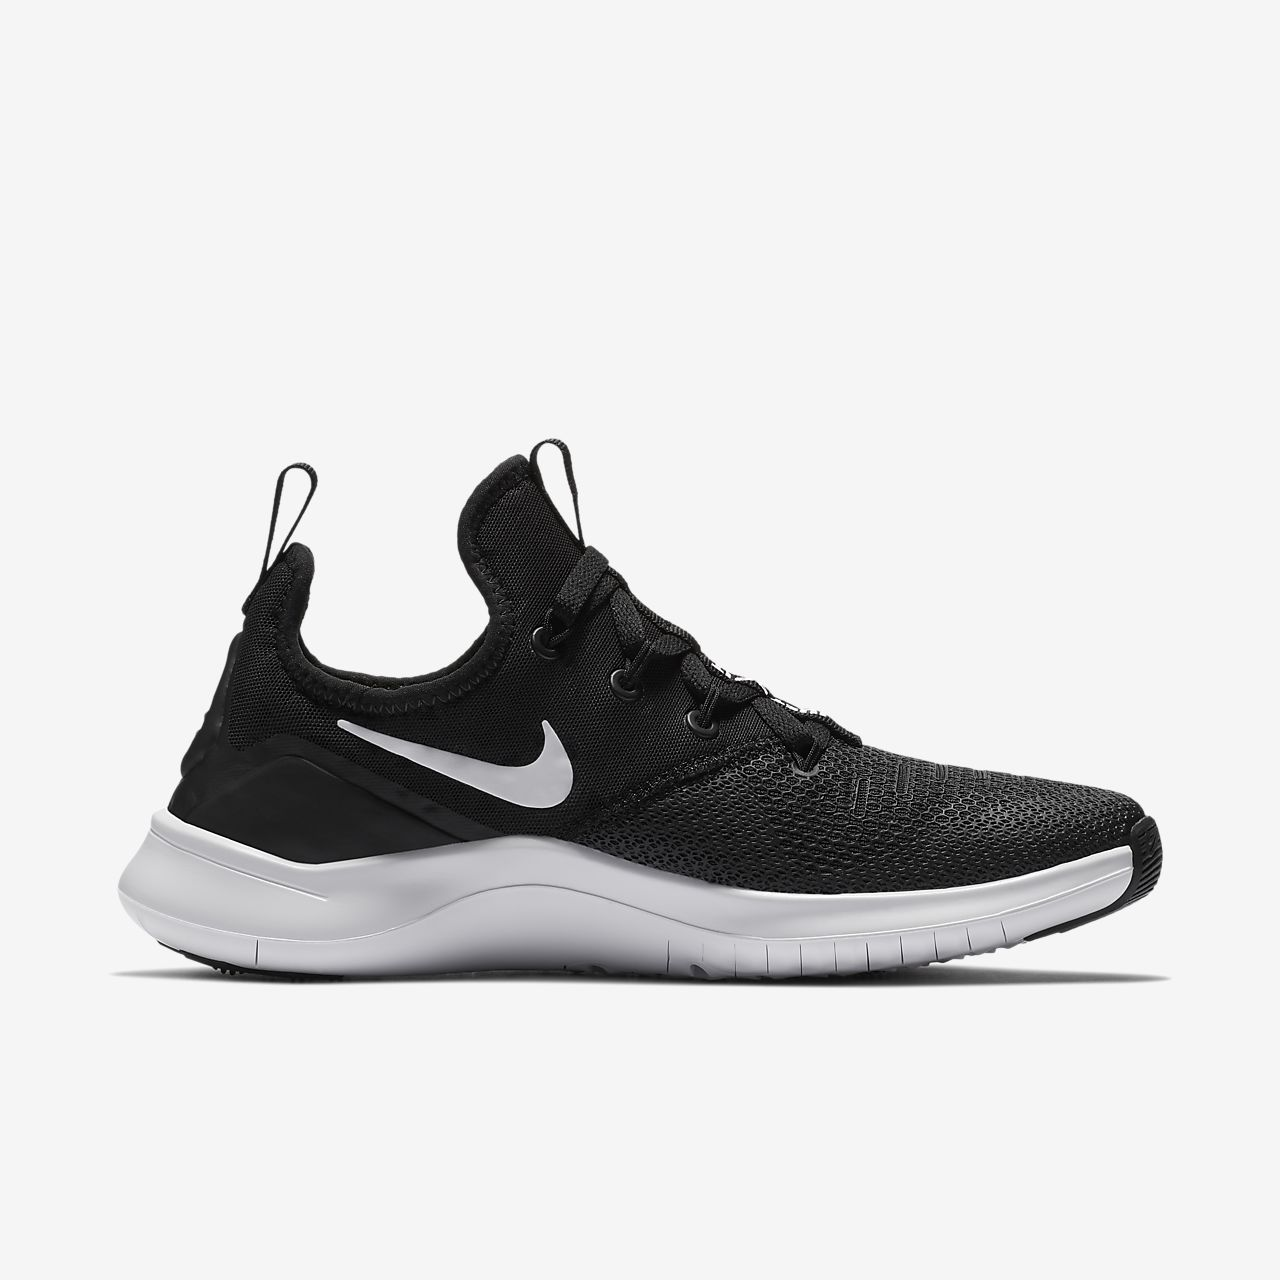 reputable site 0abdb b8485 Calzado para mujer Nike Free TR8 para entrenamiento en el gimnasio ...